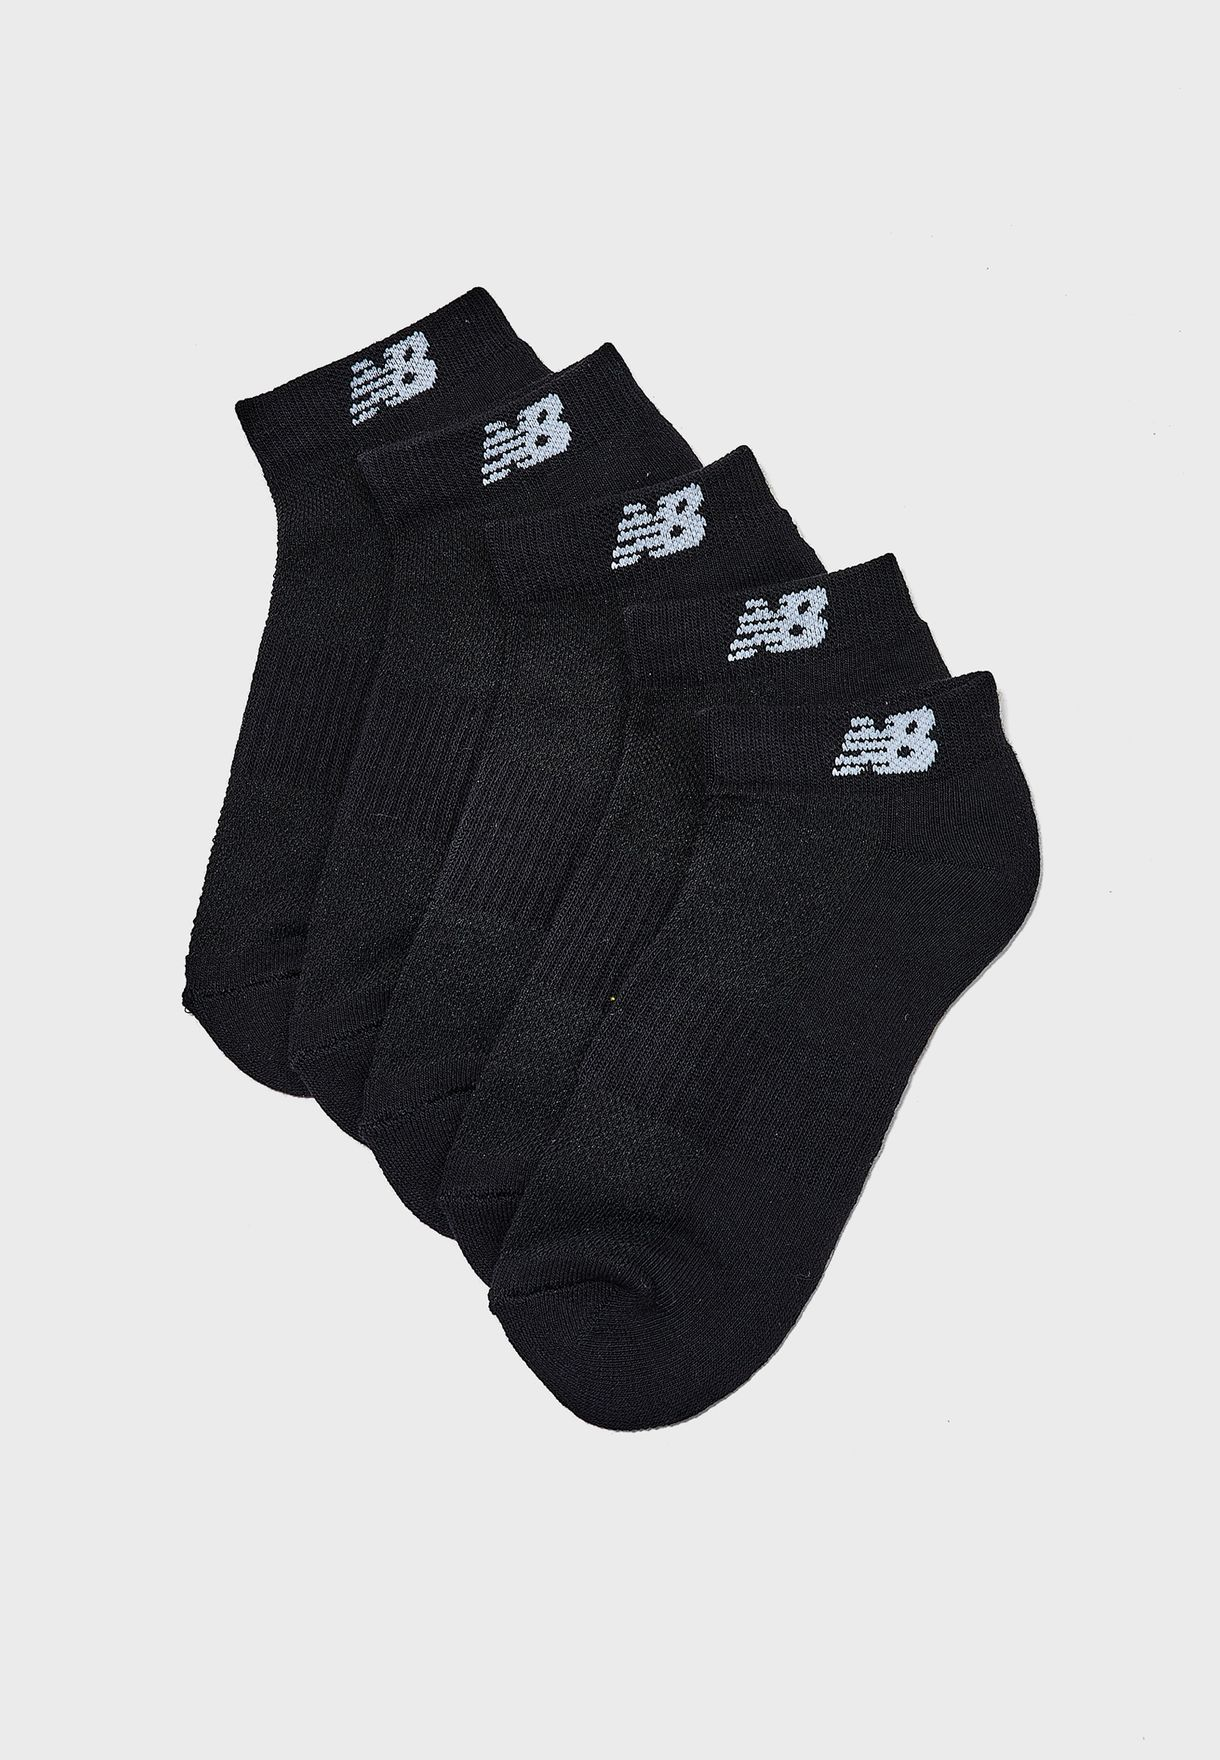 5 Pack Response Ankle Socks